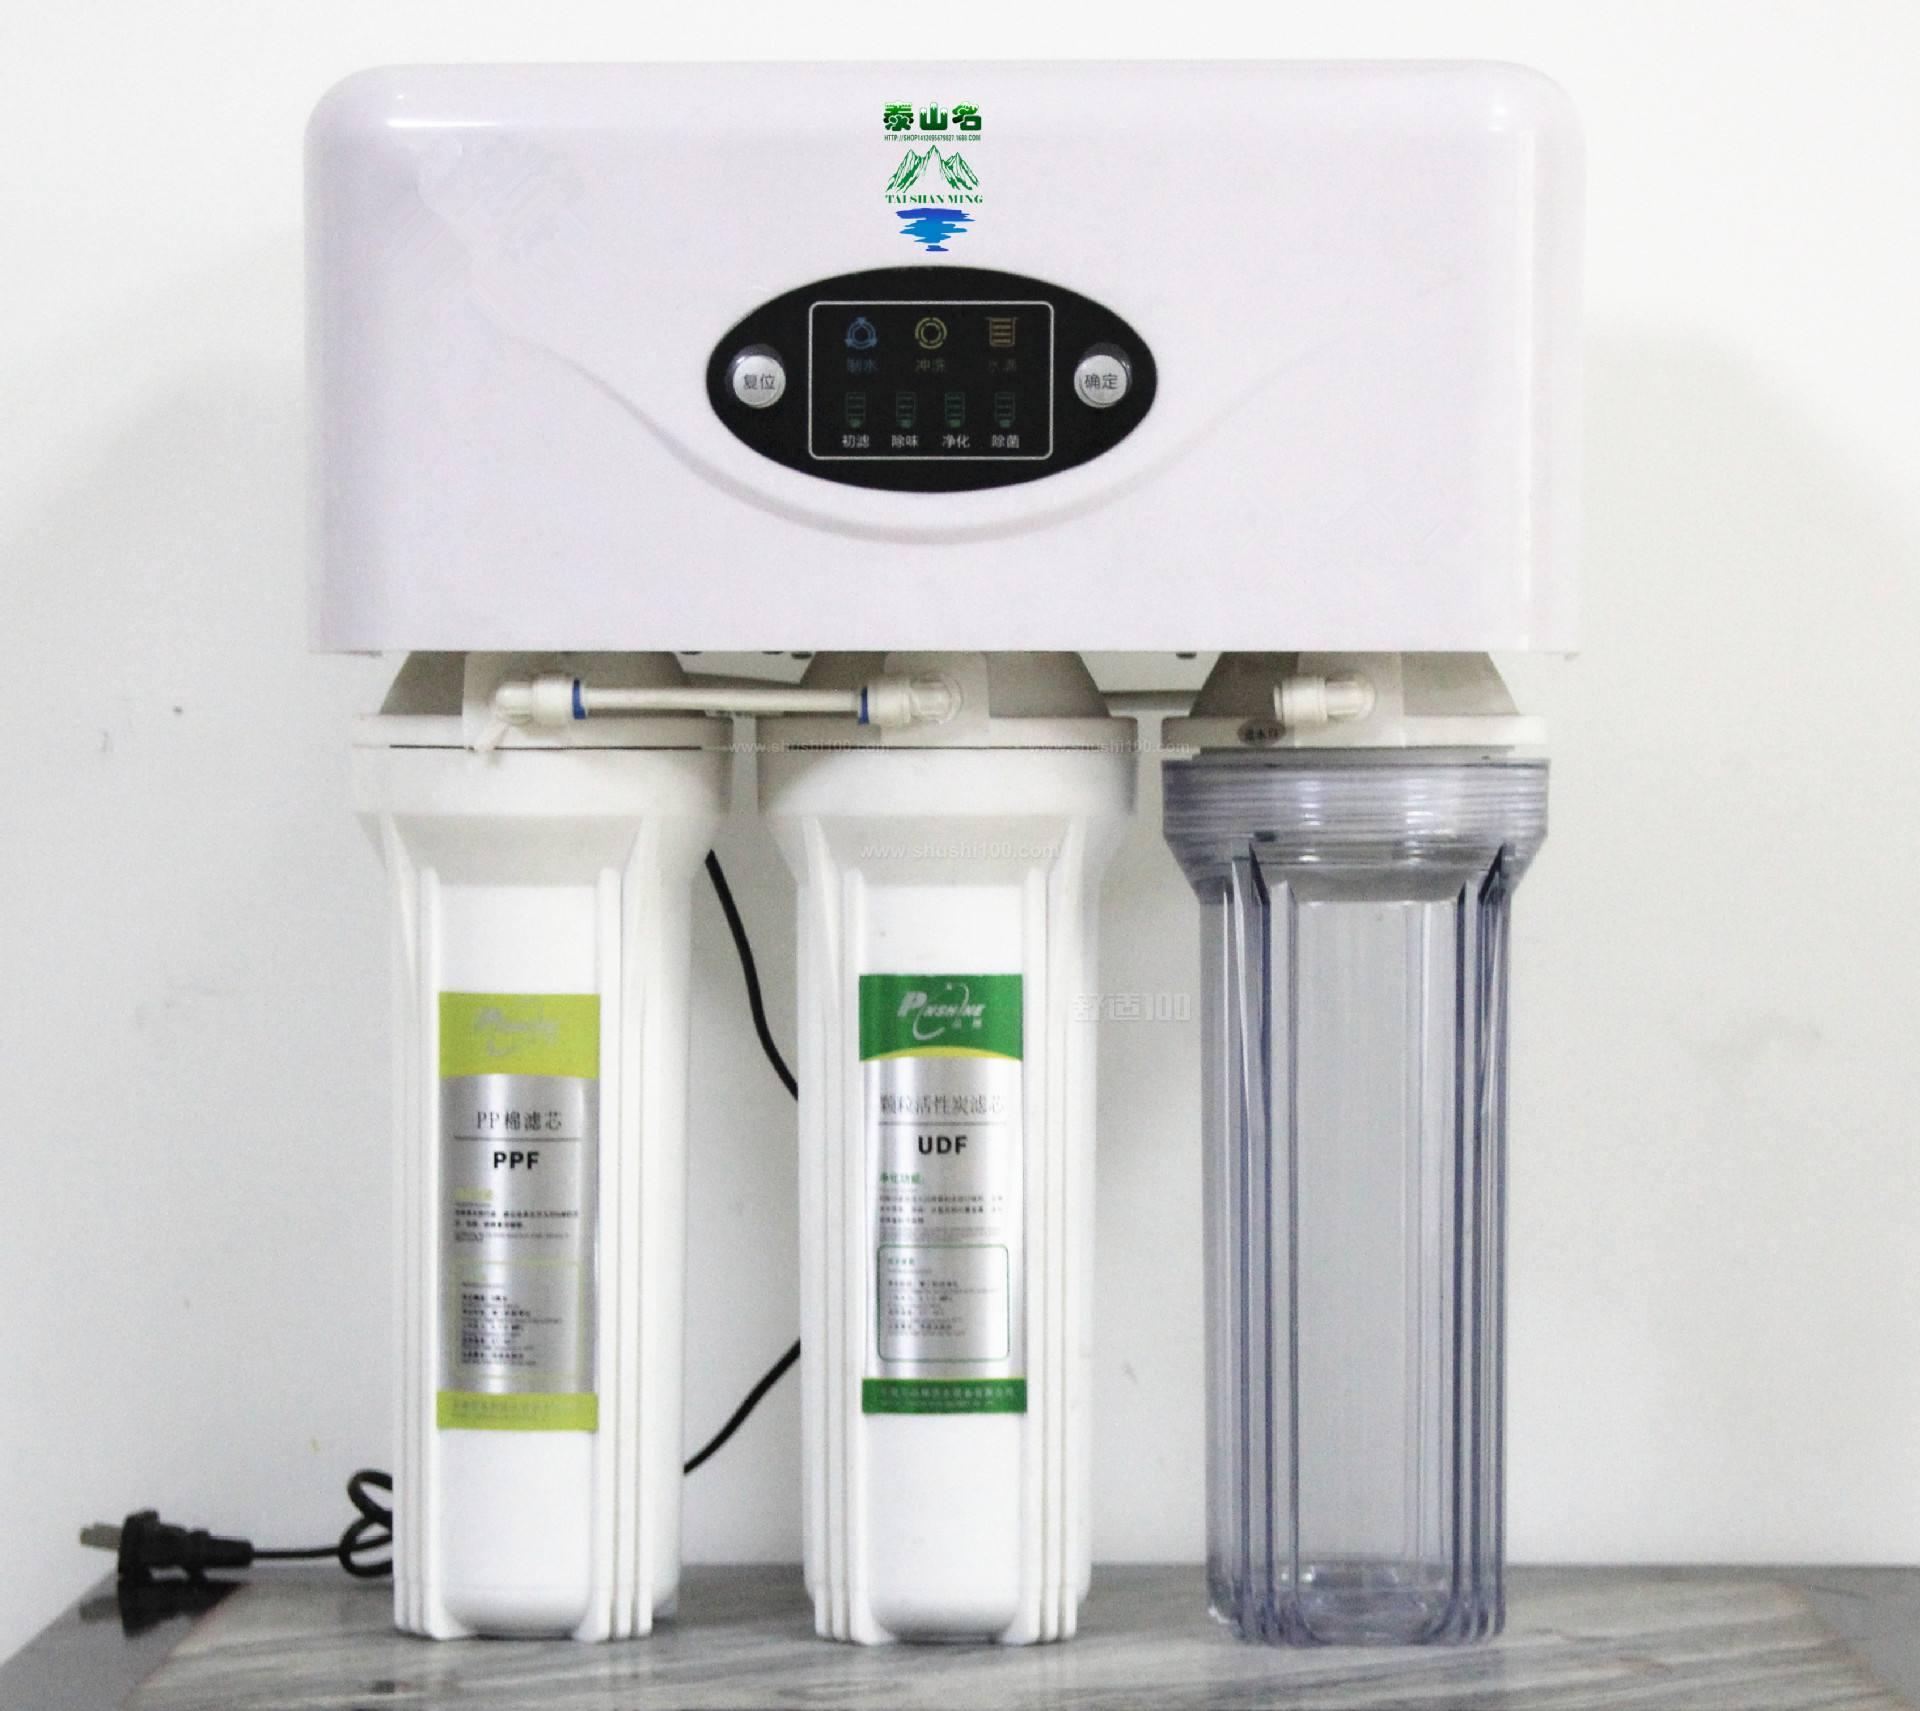 全自动反渗透净水器—全自动反渗透净水器的推荐品牌